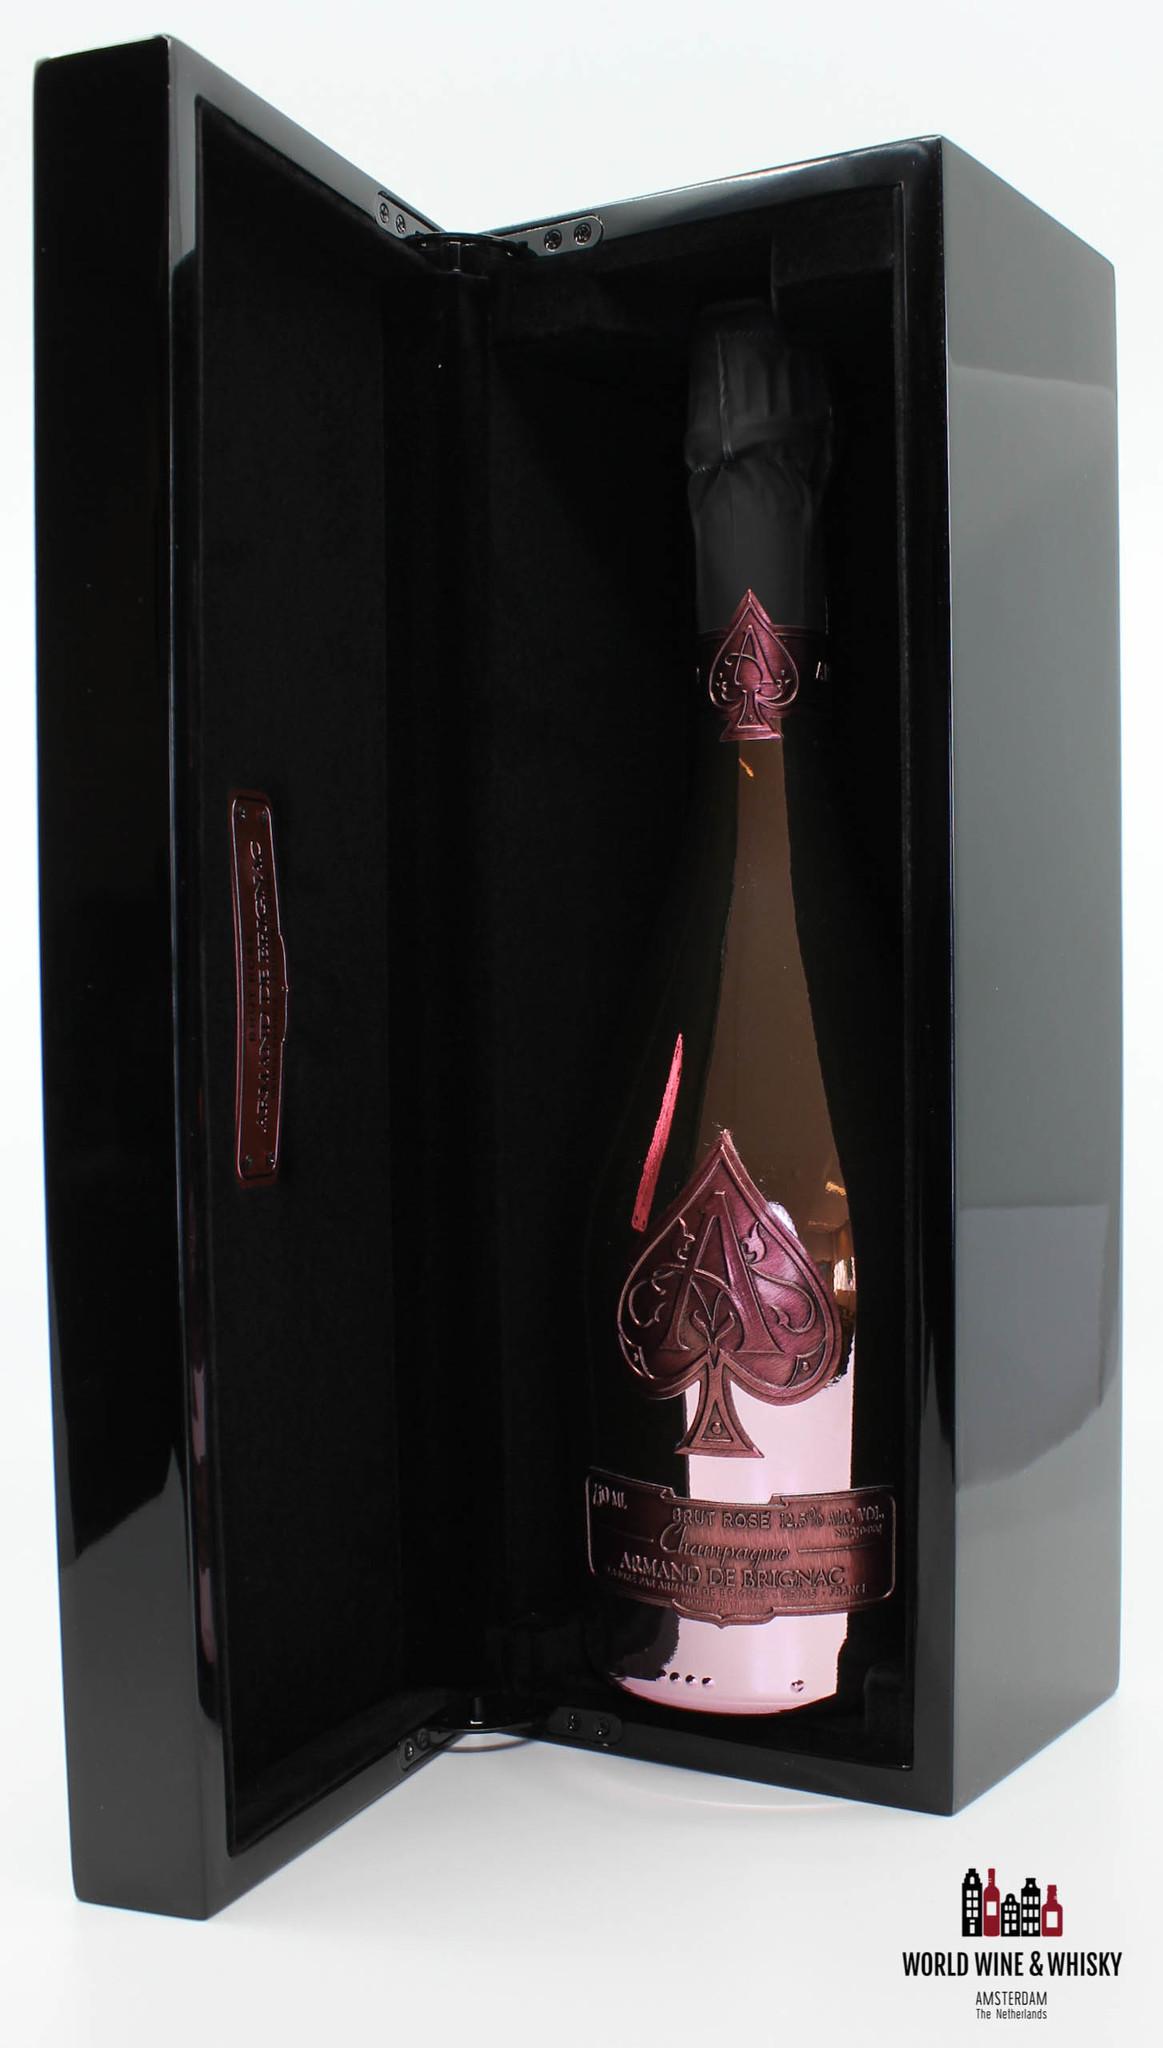 Armand de Brignac Armand de Brignac Brut Rosé Champagne 12.5% - in luxury case (750 ml)